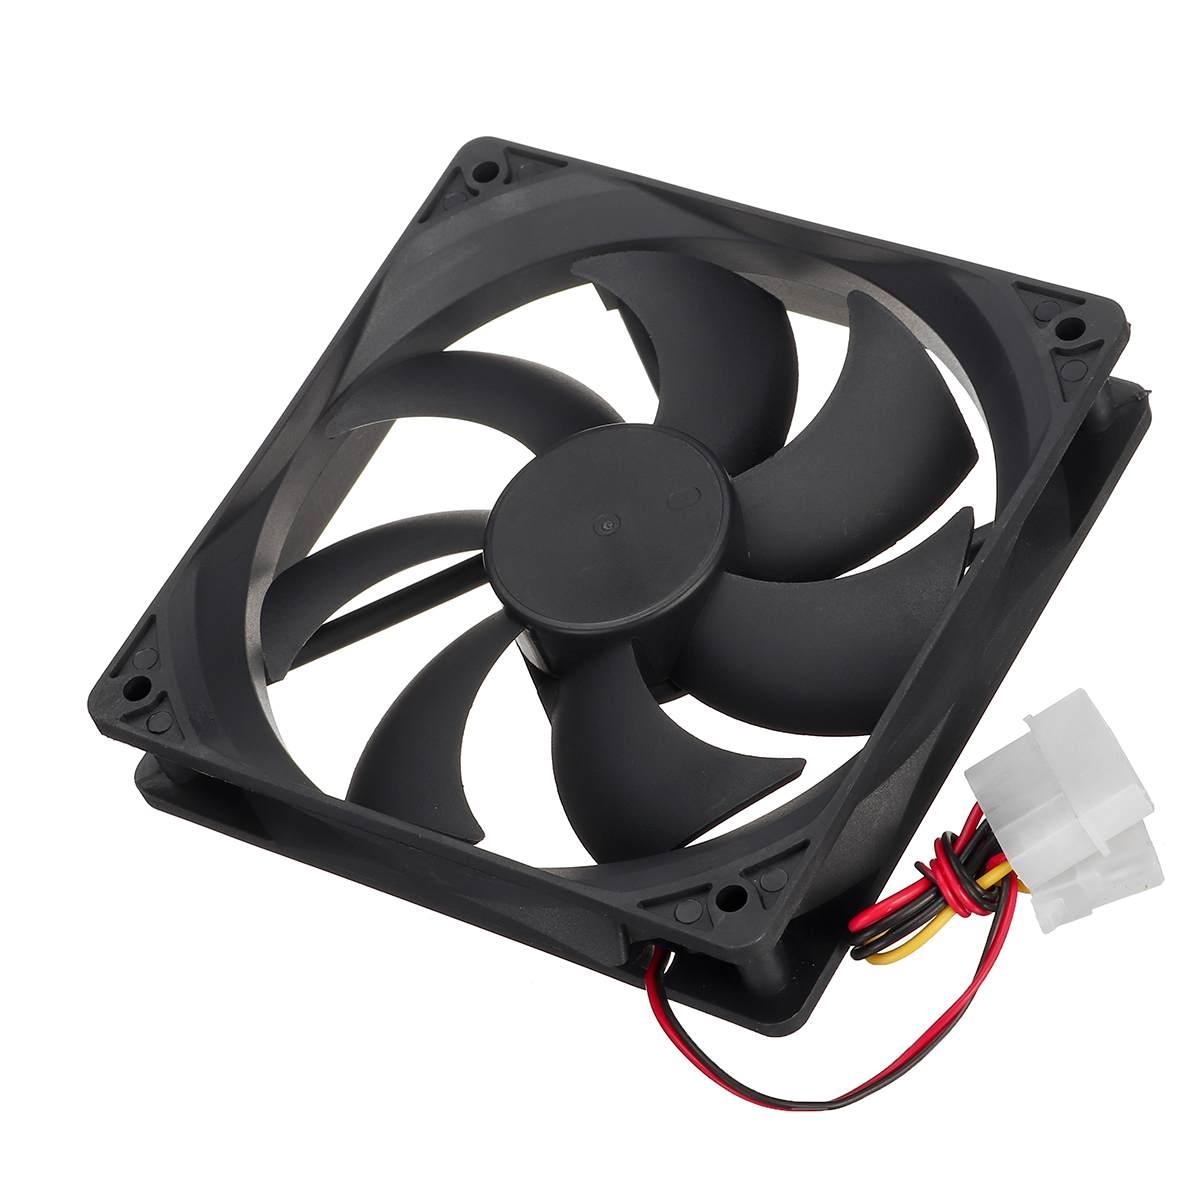 PC Computer Case Fan High Speed Cooling Cooler Fan Radiator 120mm DC 12V 3Pin PC Case System Hydraulic Cooling Fan Heatsink